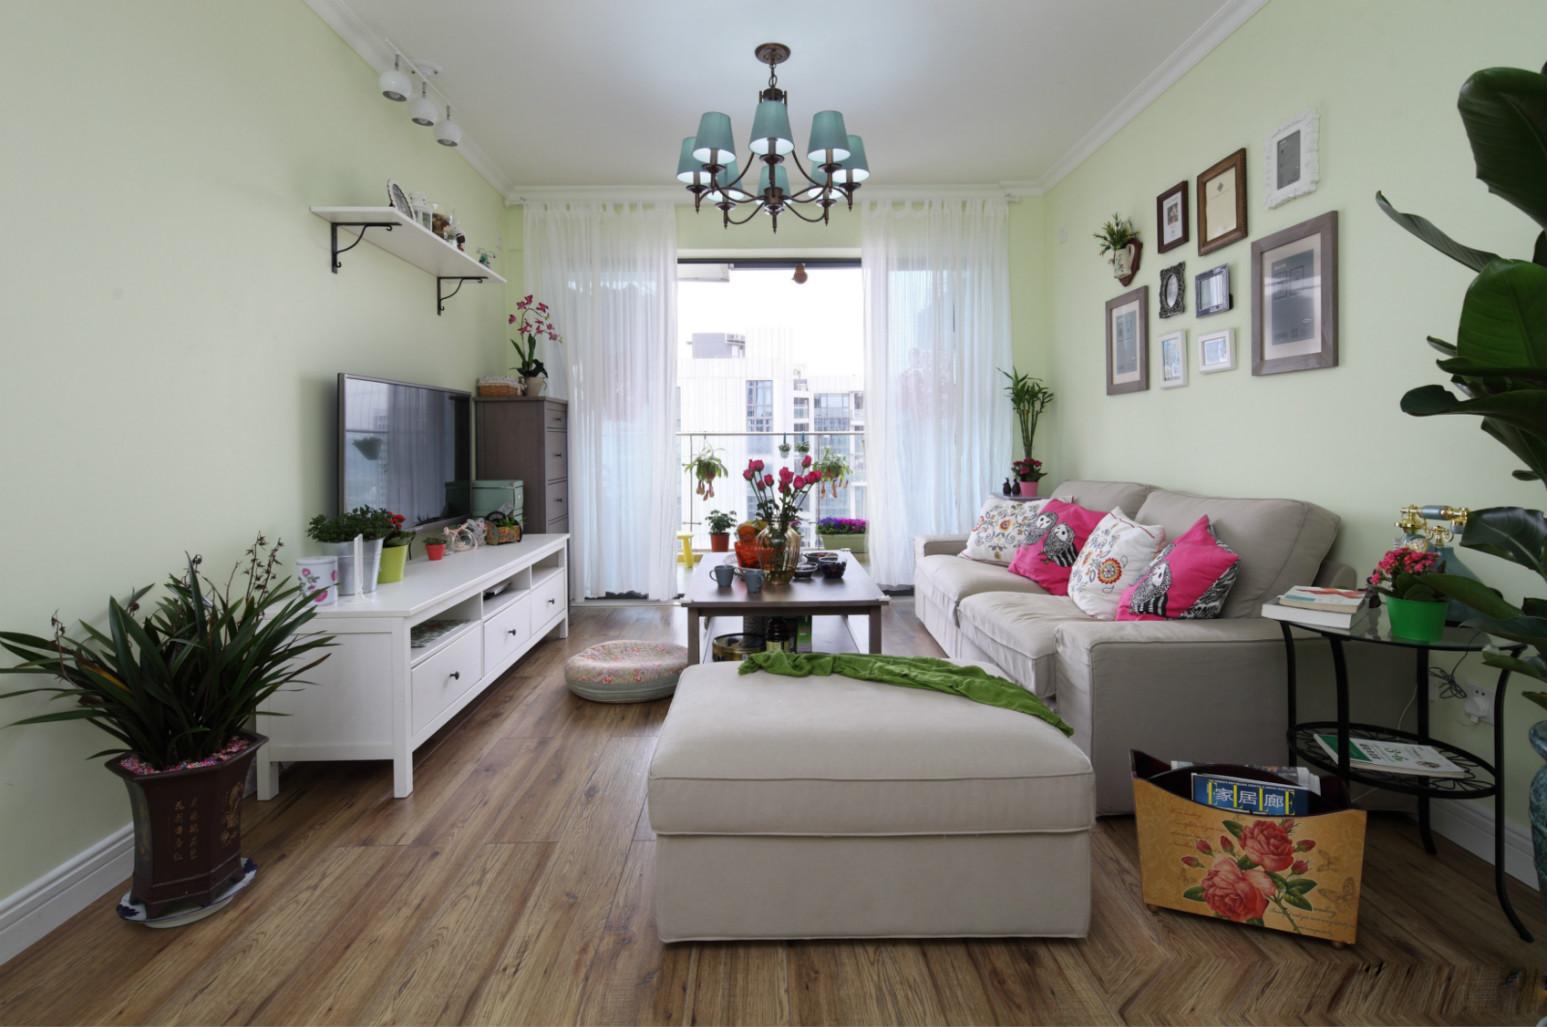 浅绿色是房子的整个格调,干净又温馨。